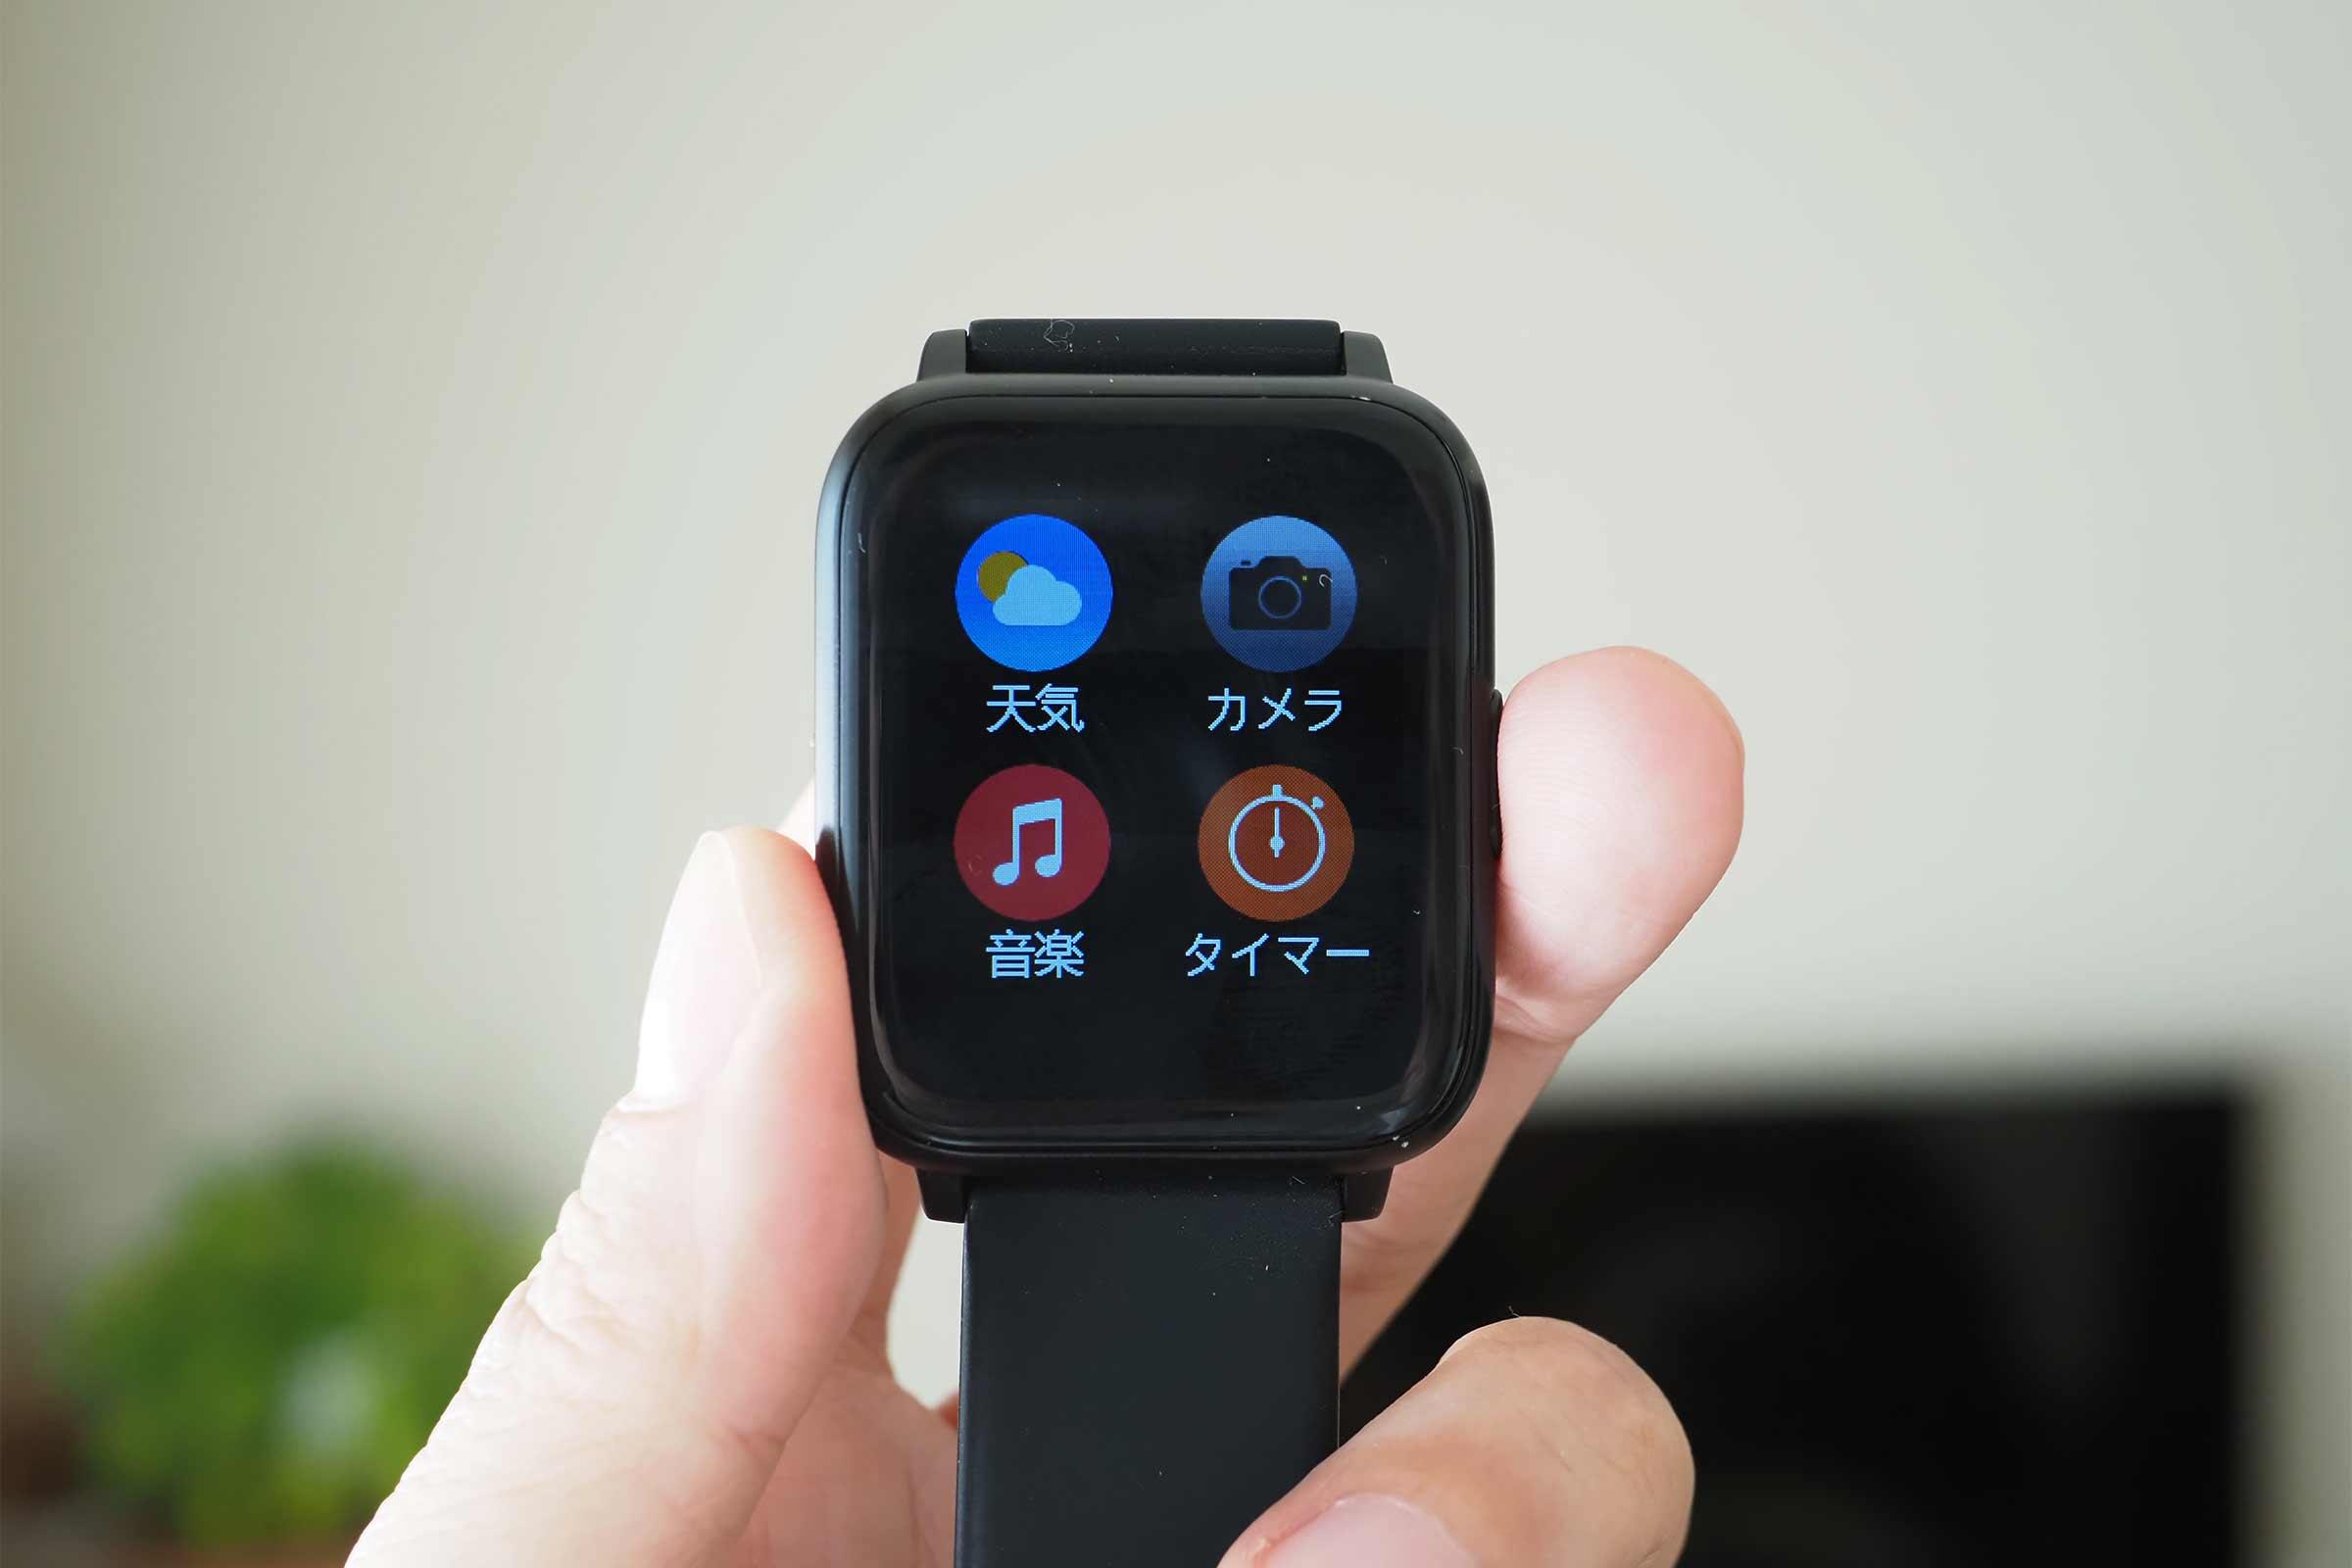 スマートウォッチ,Apple Watch,apple,高機能,安い,中華,アプリ